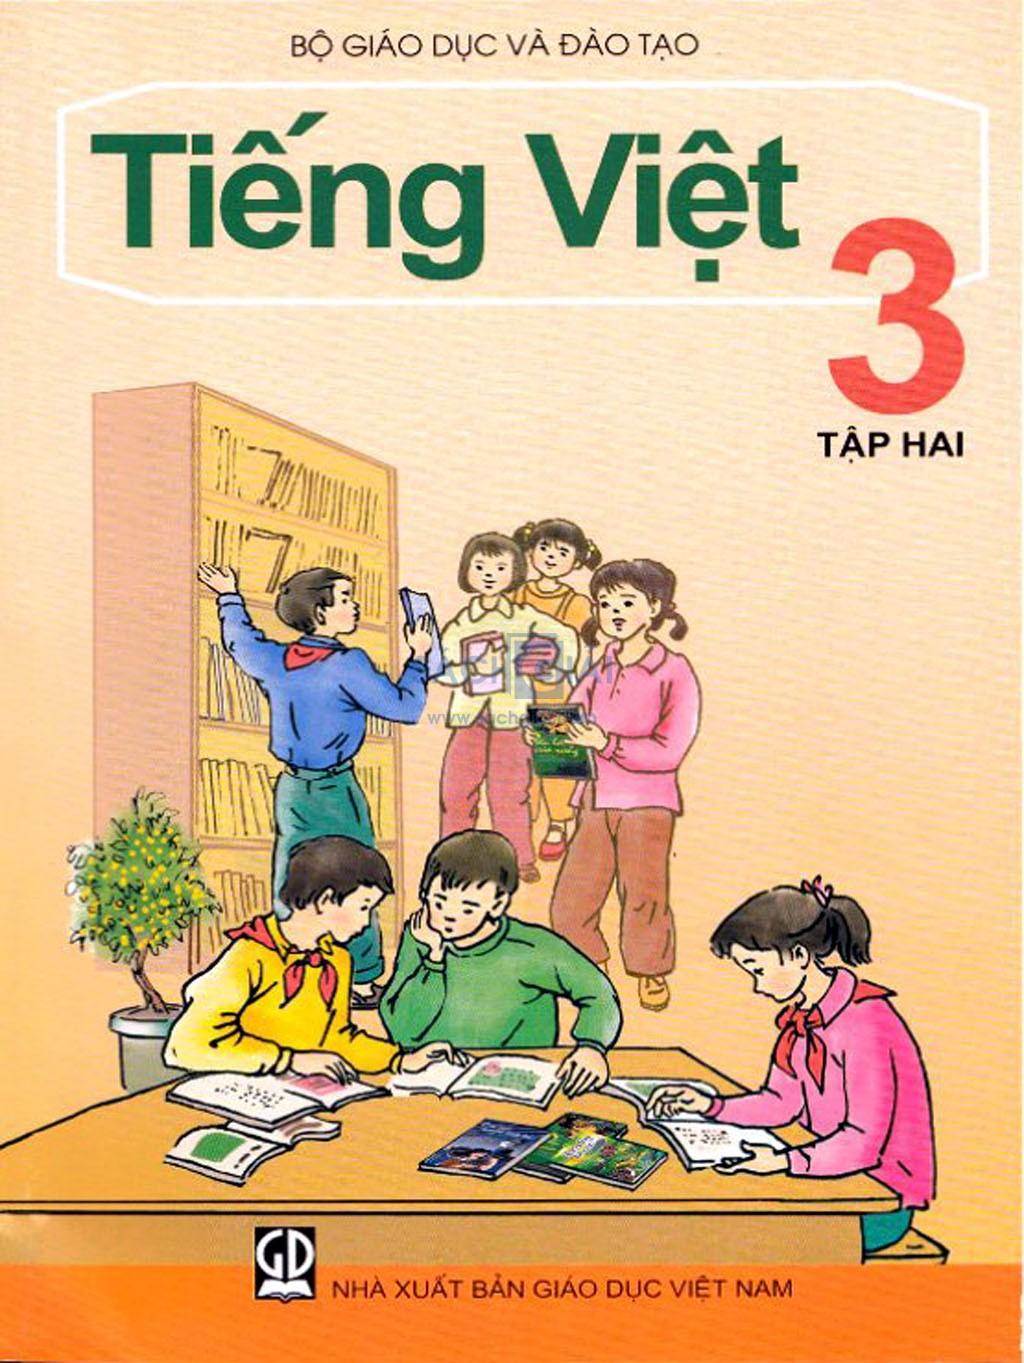 đạo đức lớp 2 -TH-THCS Nguyễn Văn Đậu-Tân Trụ.zip.zip.zip